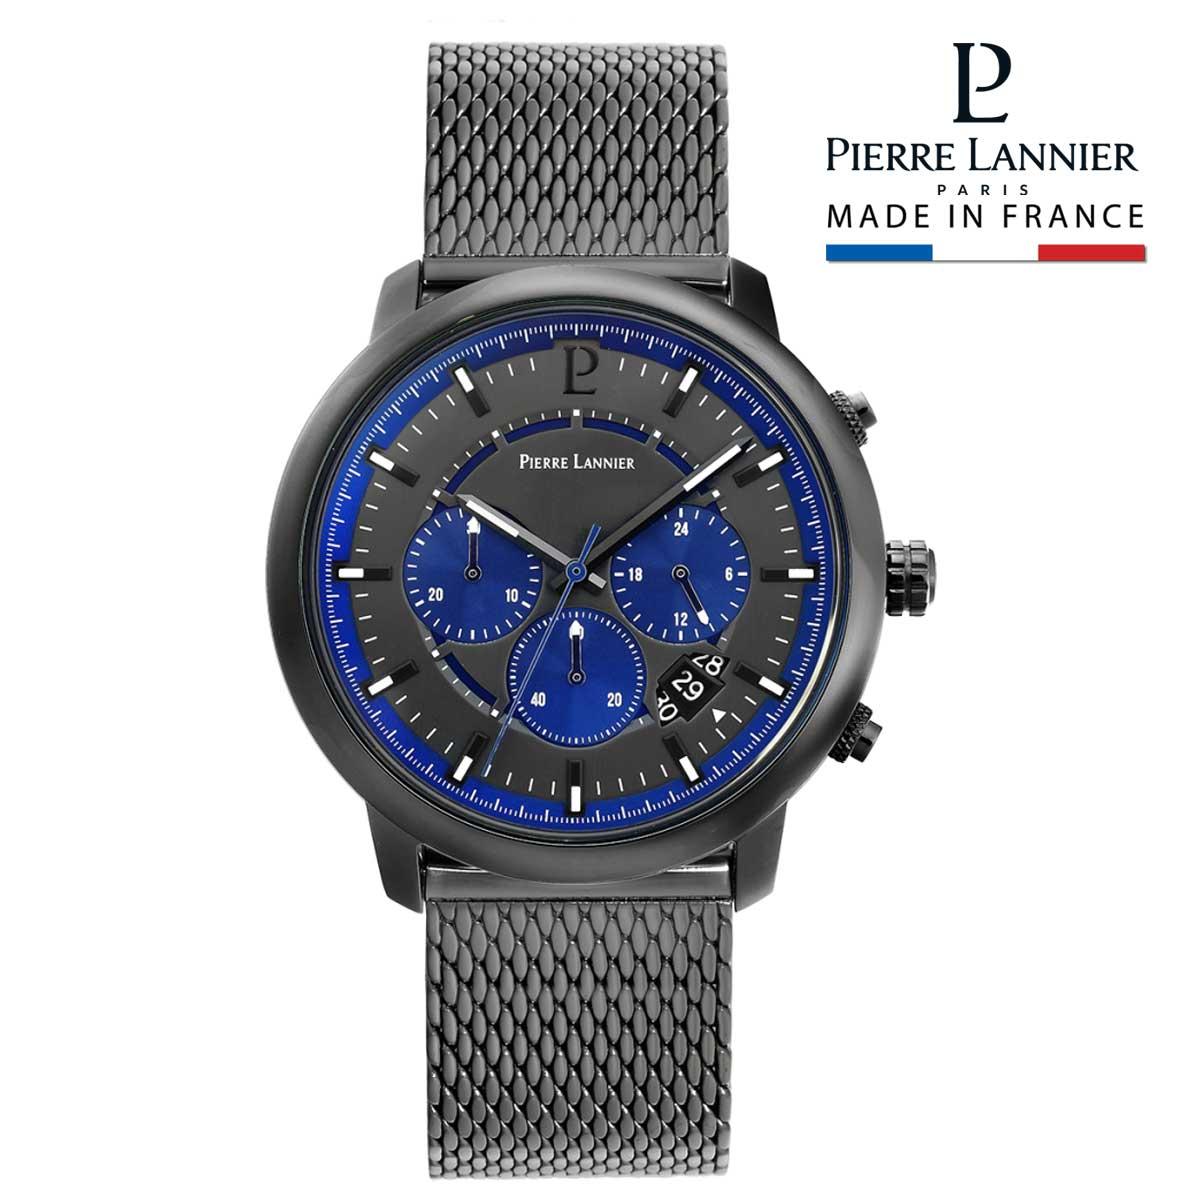 腕時計 メンズ ブランド ピエールラニエ クロノグラフ メッシュベルト ガンメタリック ブルー